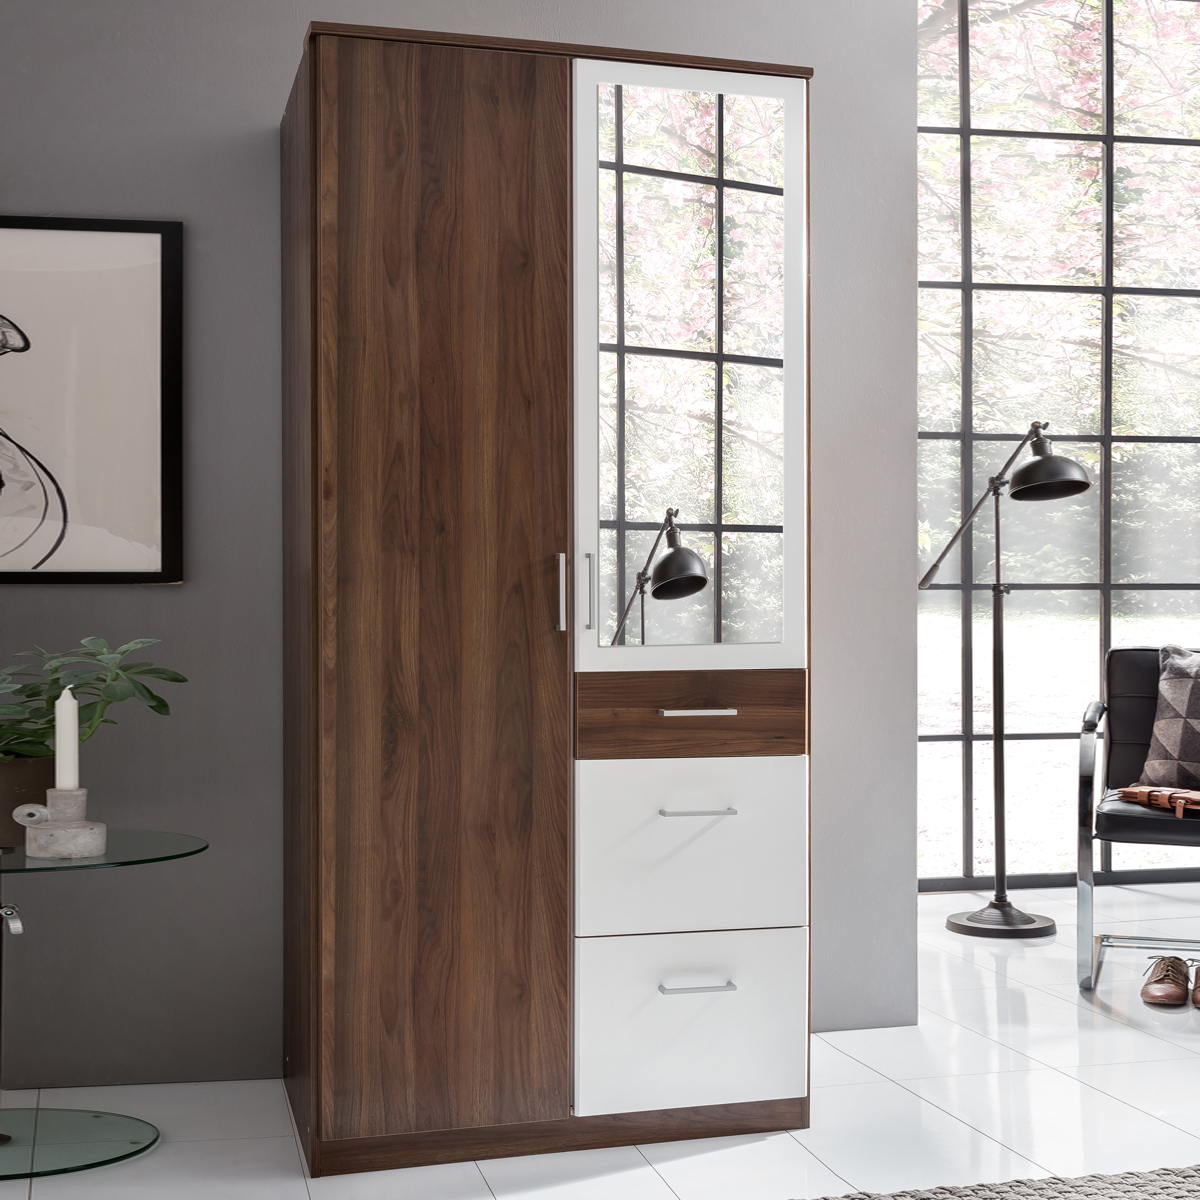 kleiderschrank click nussbaum und alpinwei. Black Bedroom Furniture Sets. Home Design Ideas